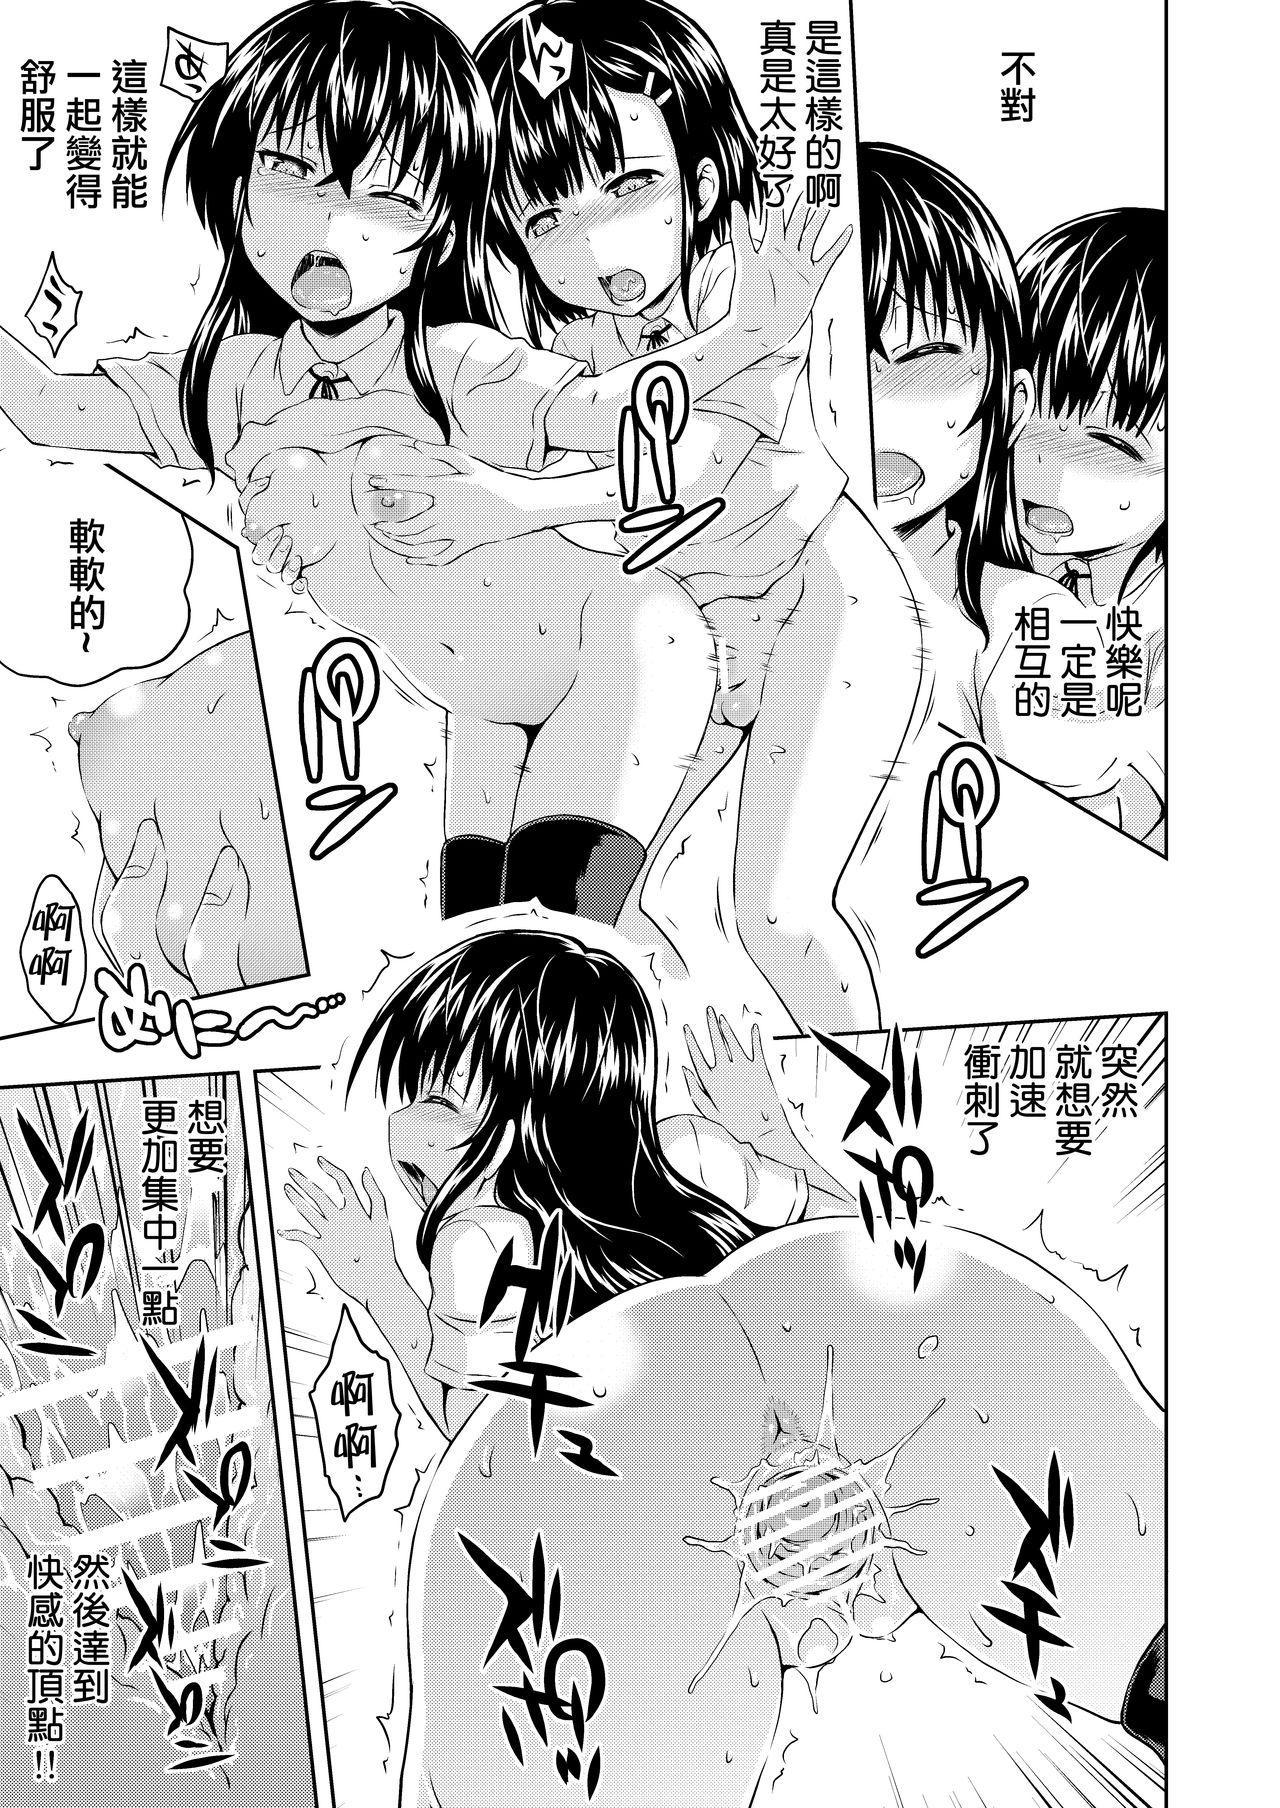 Kagura-chan ni oshinboku ga hae chatta mitaidesu 29